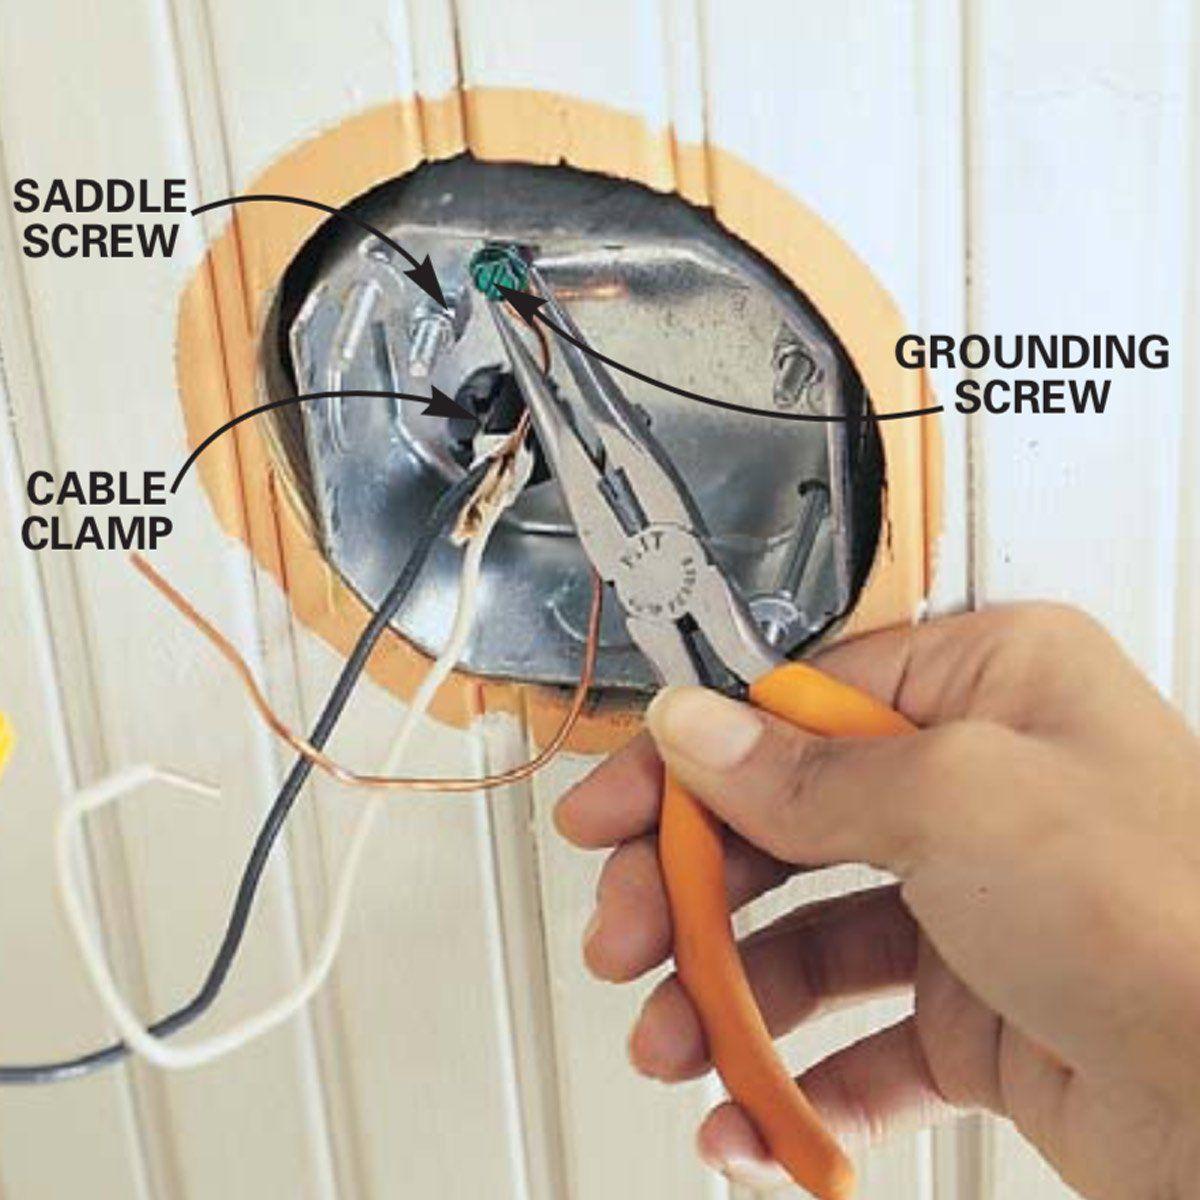 How To Install A Ceiling Fan Mount Bracket Electrical Box Ceiling Fan Makeover Ceiling Fan Ceiling Fan Installation